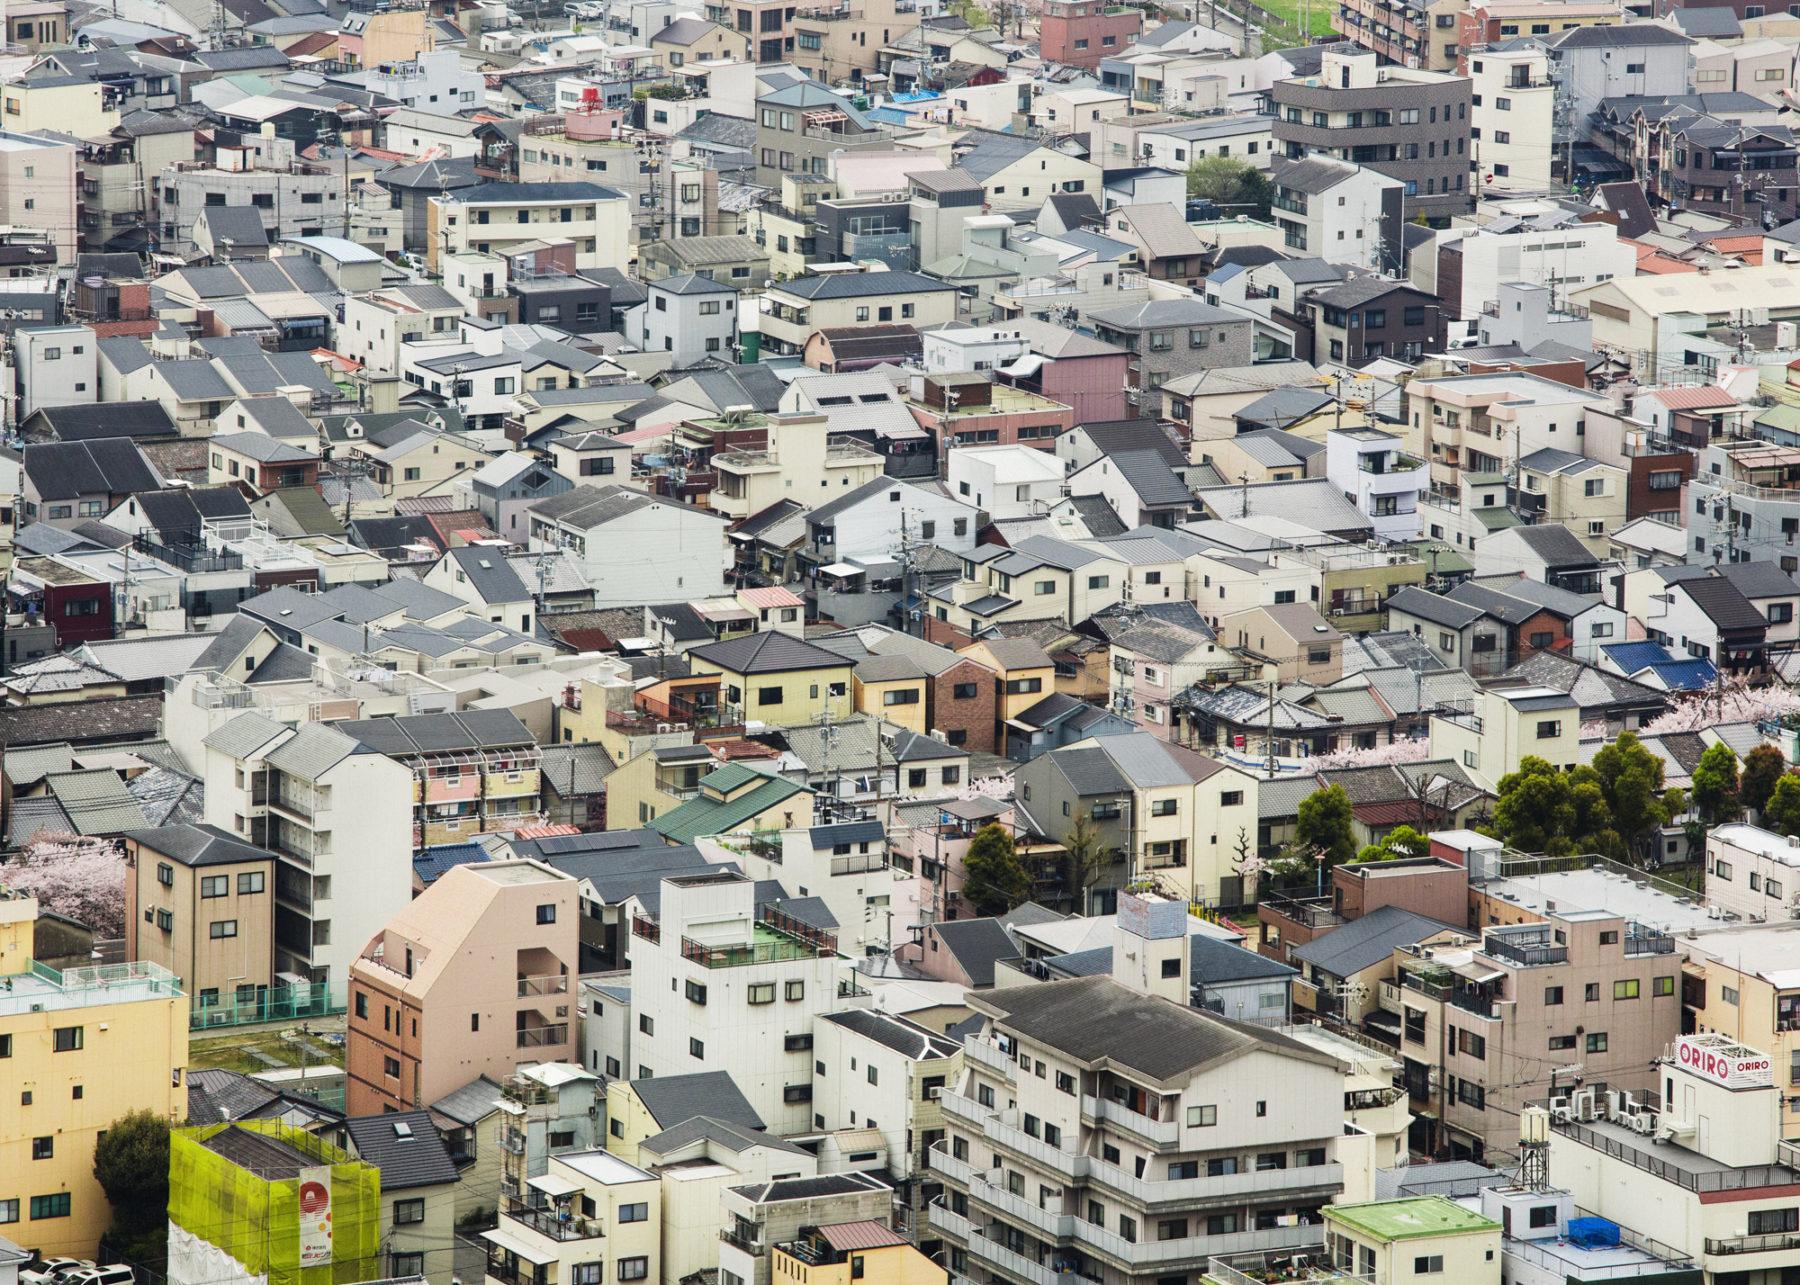 Japan-0804-2-1800x1285.jpg